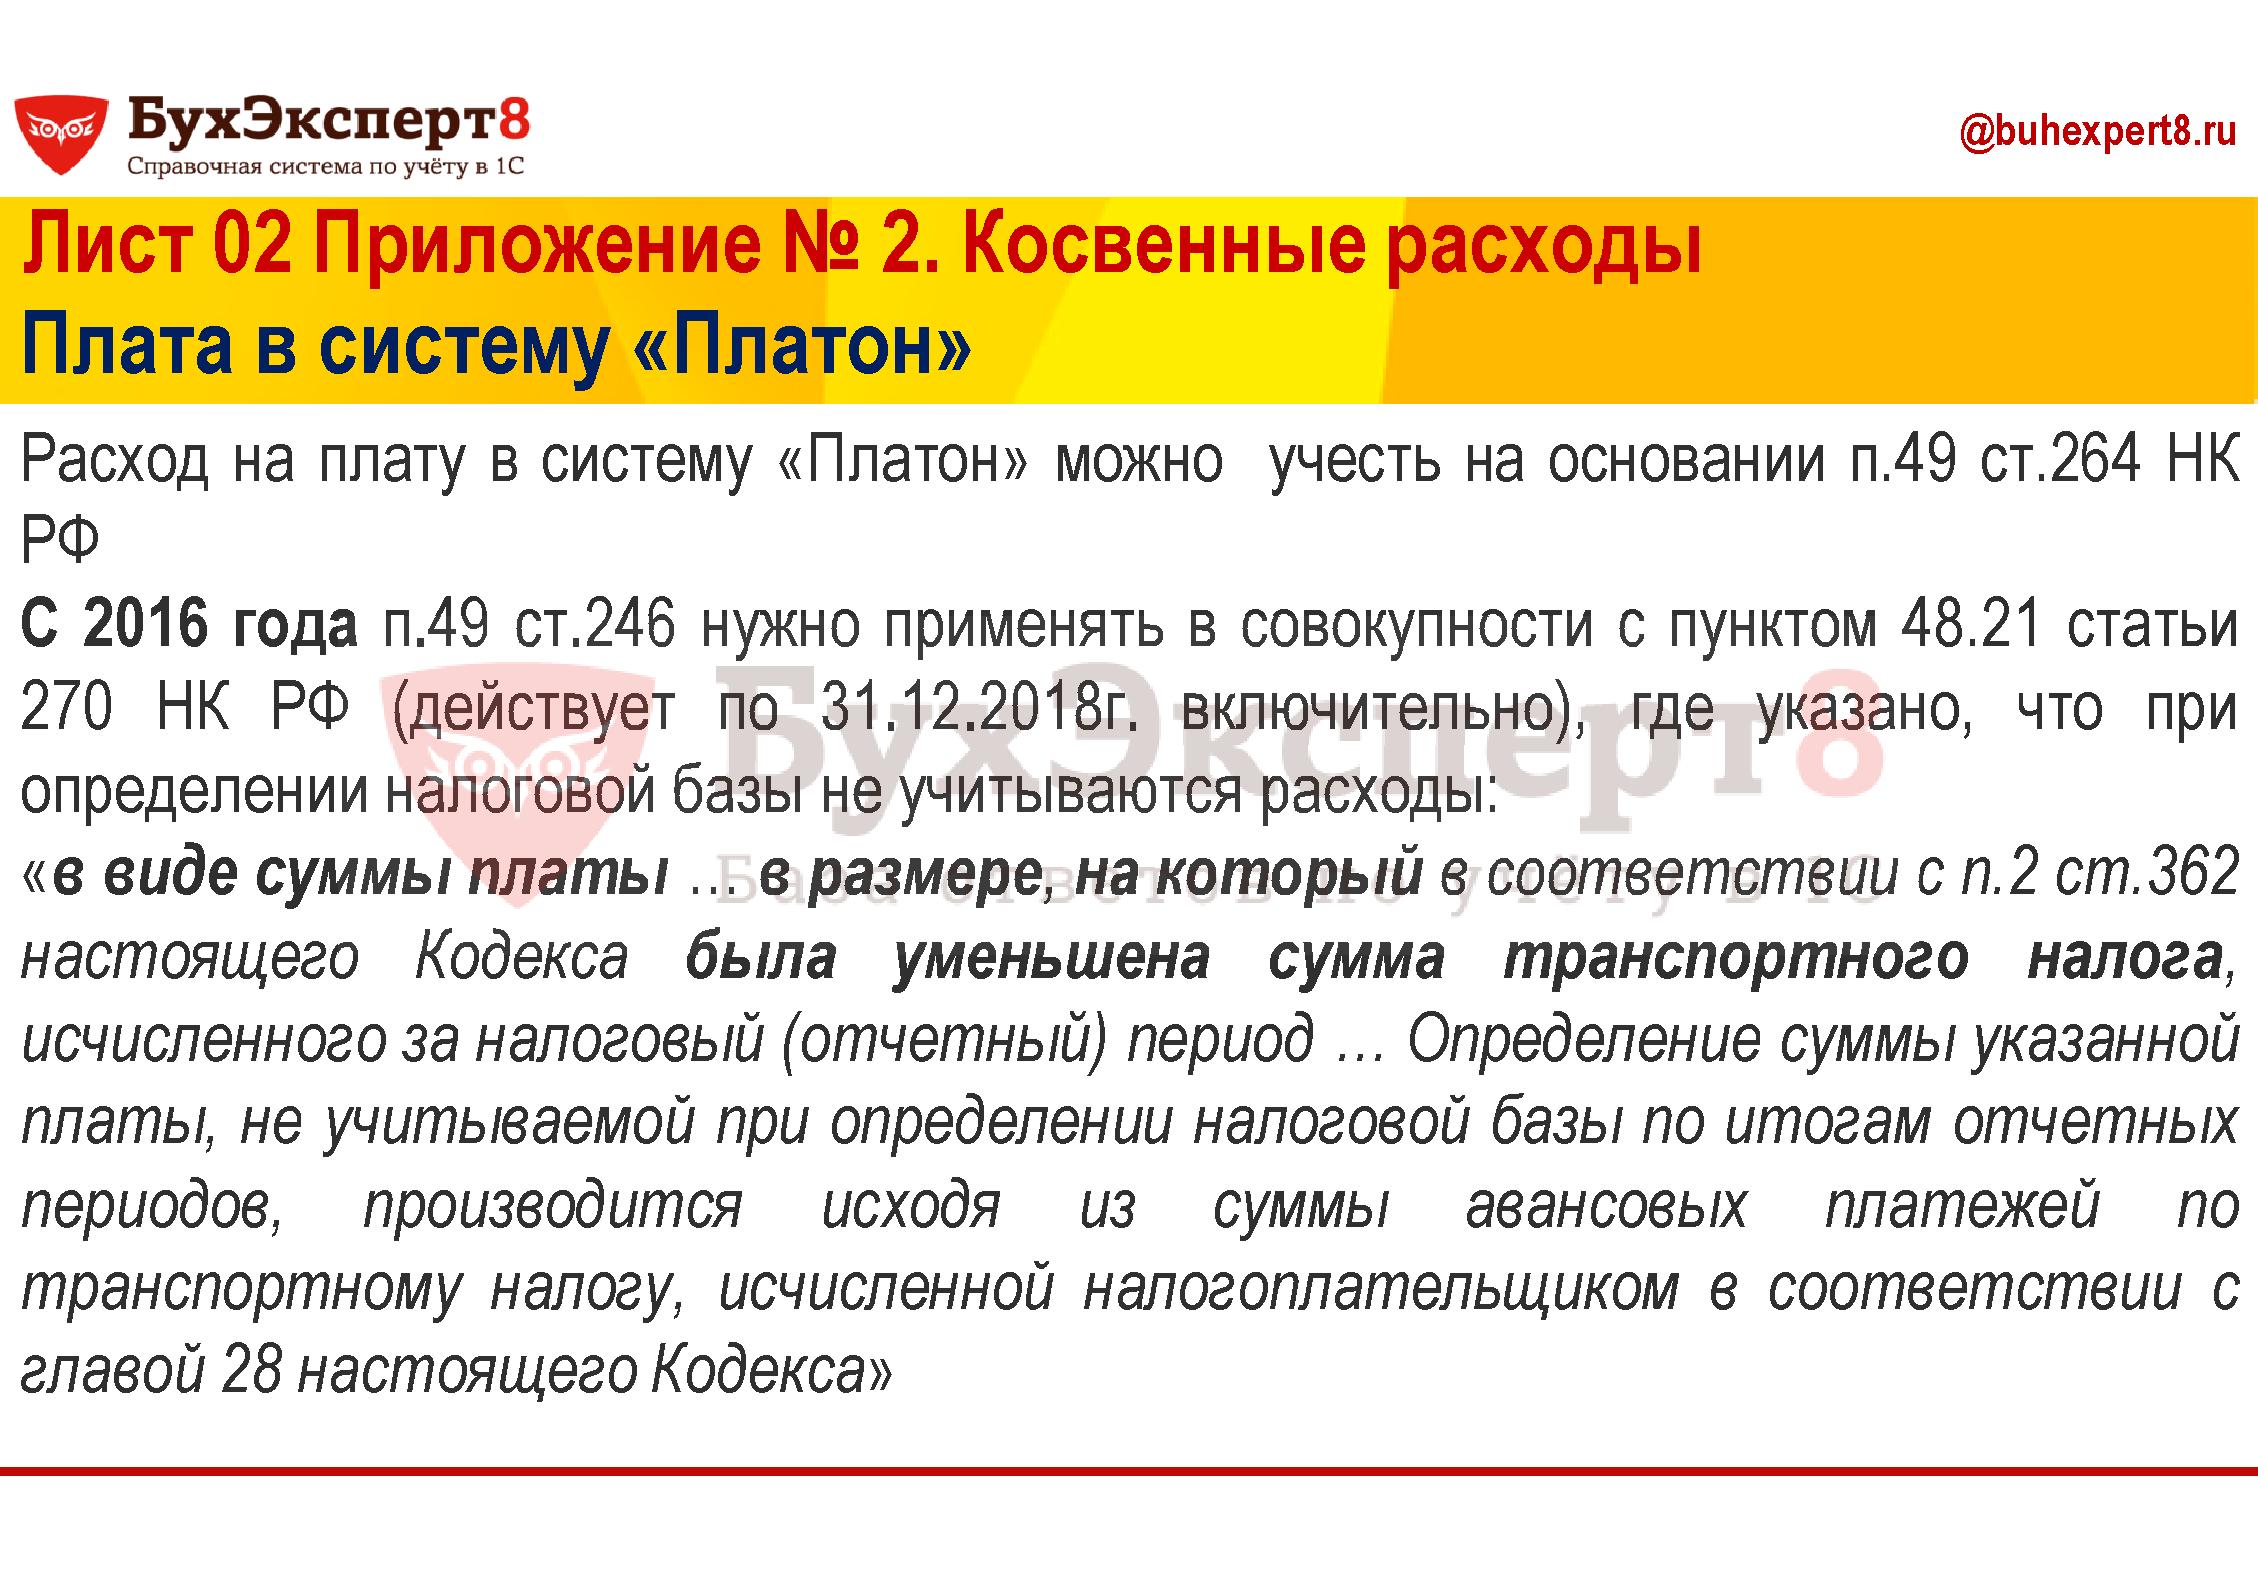 Расход на плату в систему «Платон» можно  учесть на основании п.49 ст.264 НК РФ С 2016 года п.49 ст.246 нужно применять в совокупности с пунктом 48.21 статьи 270 НК РФ (действует по 31.12.2018г. включительно), где указано, что при определении налоговой базы не учитываются расходы: «в виде суммы платы … в размере, на который в соответствии с п.2 ст.362 настоящего Кодекса была уменьшена сумма транспортного налога, исчисленного за налоговый (отчетный) период … Определение суммы указанной платы, не учитываемой при определении налоговой базы по итогам отчетных периодов, производится исходя из суммы авансовых платежей по транспортному налогу, исчисленной налогоплательщиком в соответствии с главой 28 настоящего Кодекса»